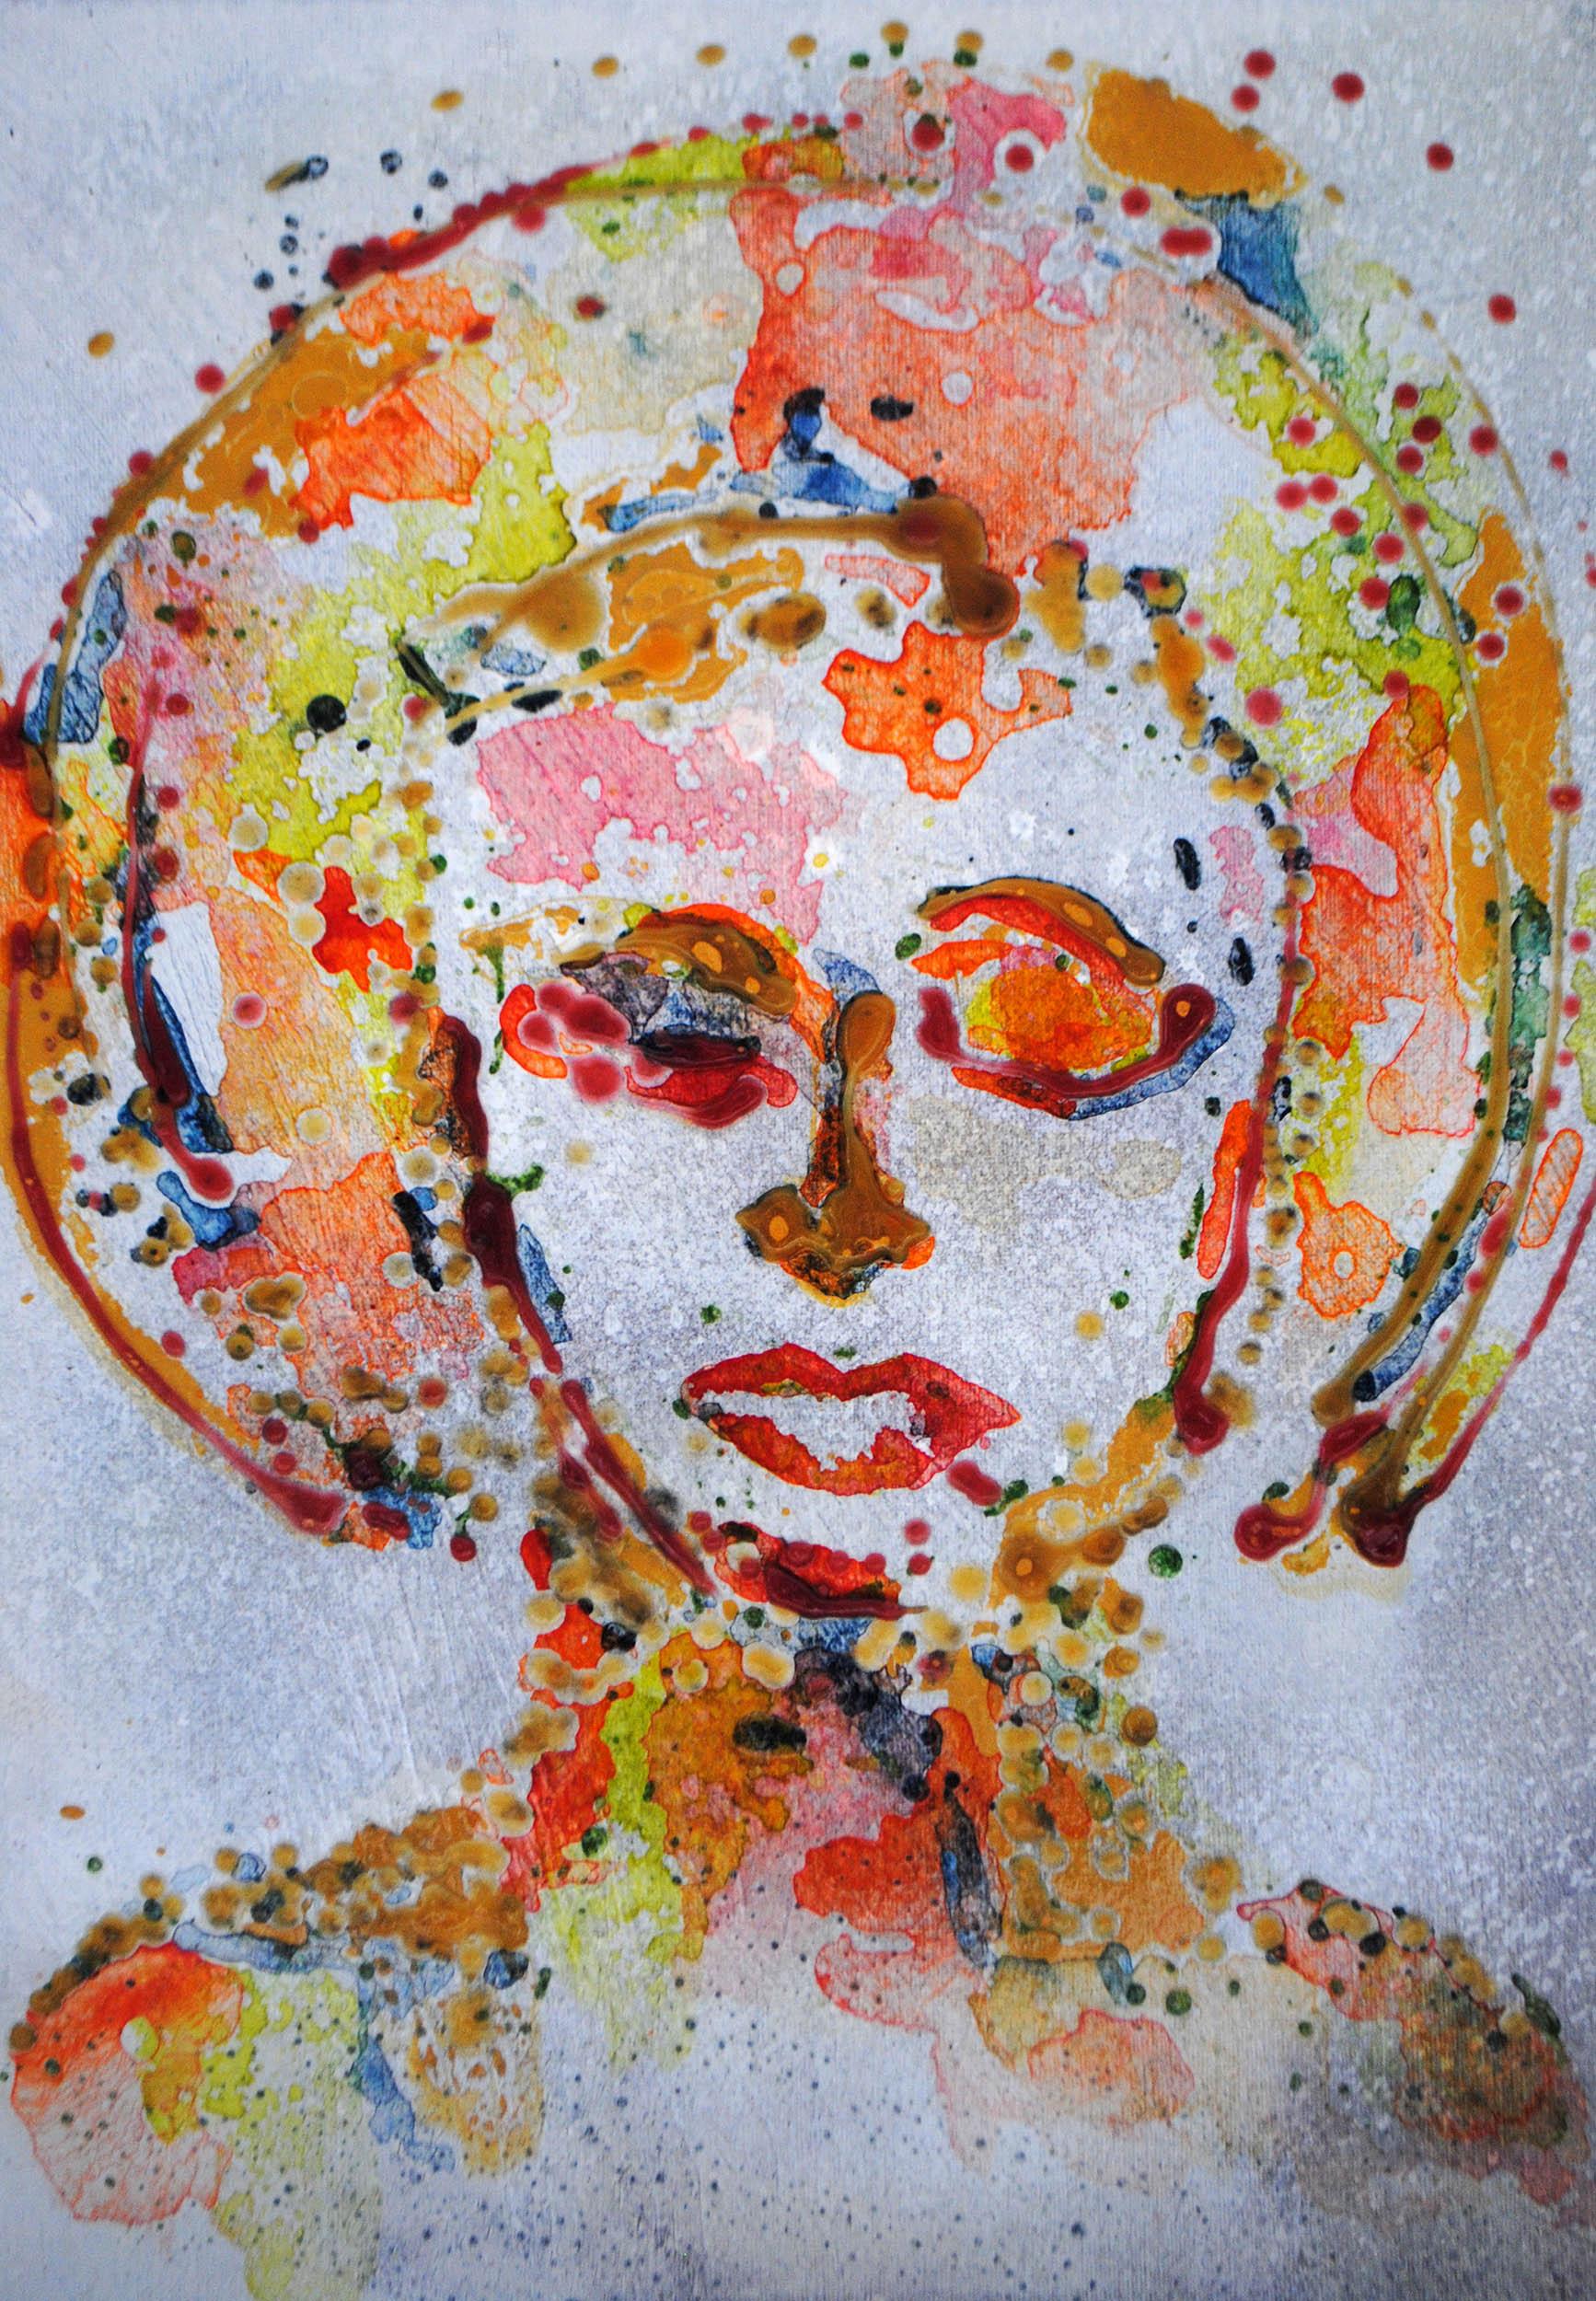 Carla_h_sample_art_small